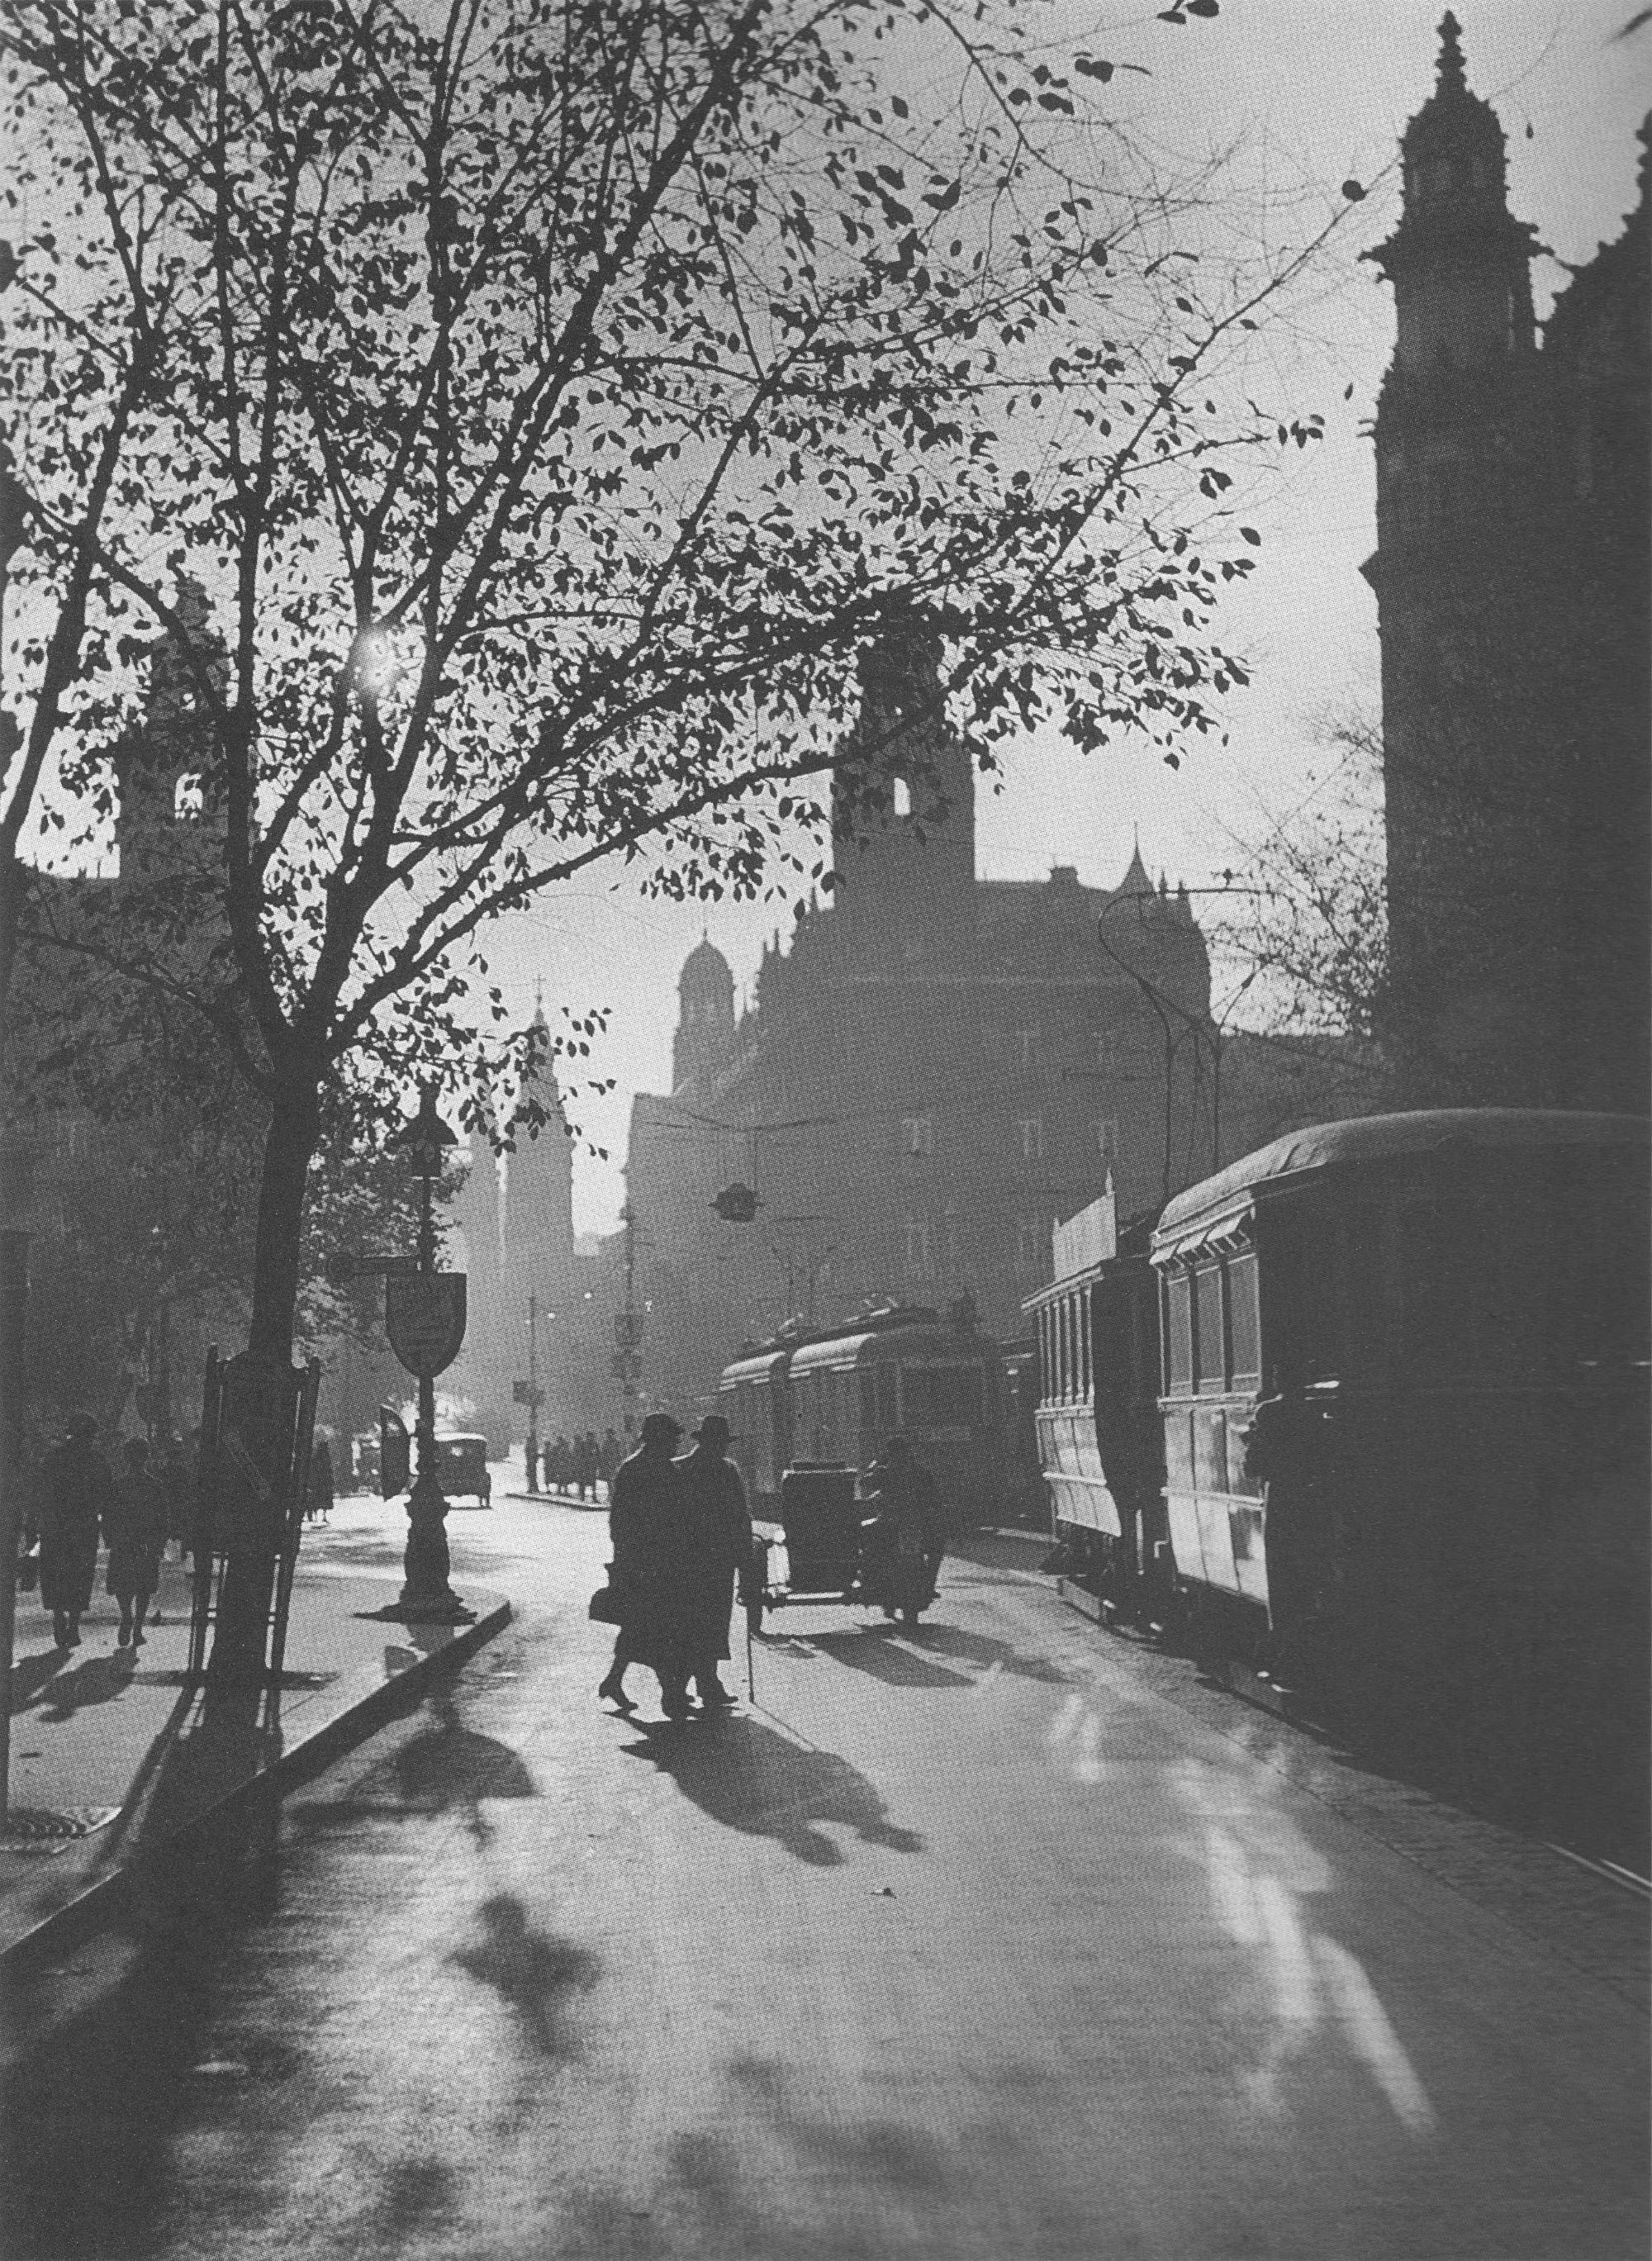 Fotó: Dulovits Jenő: Délutáni napfény a Ferenciek terén, 1930-as évek közepe © Fejér Zoltán gyűjteménye